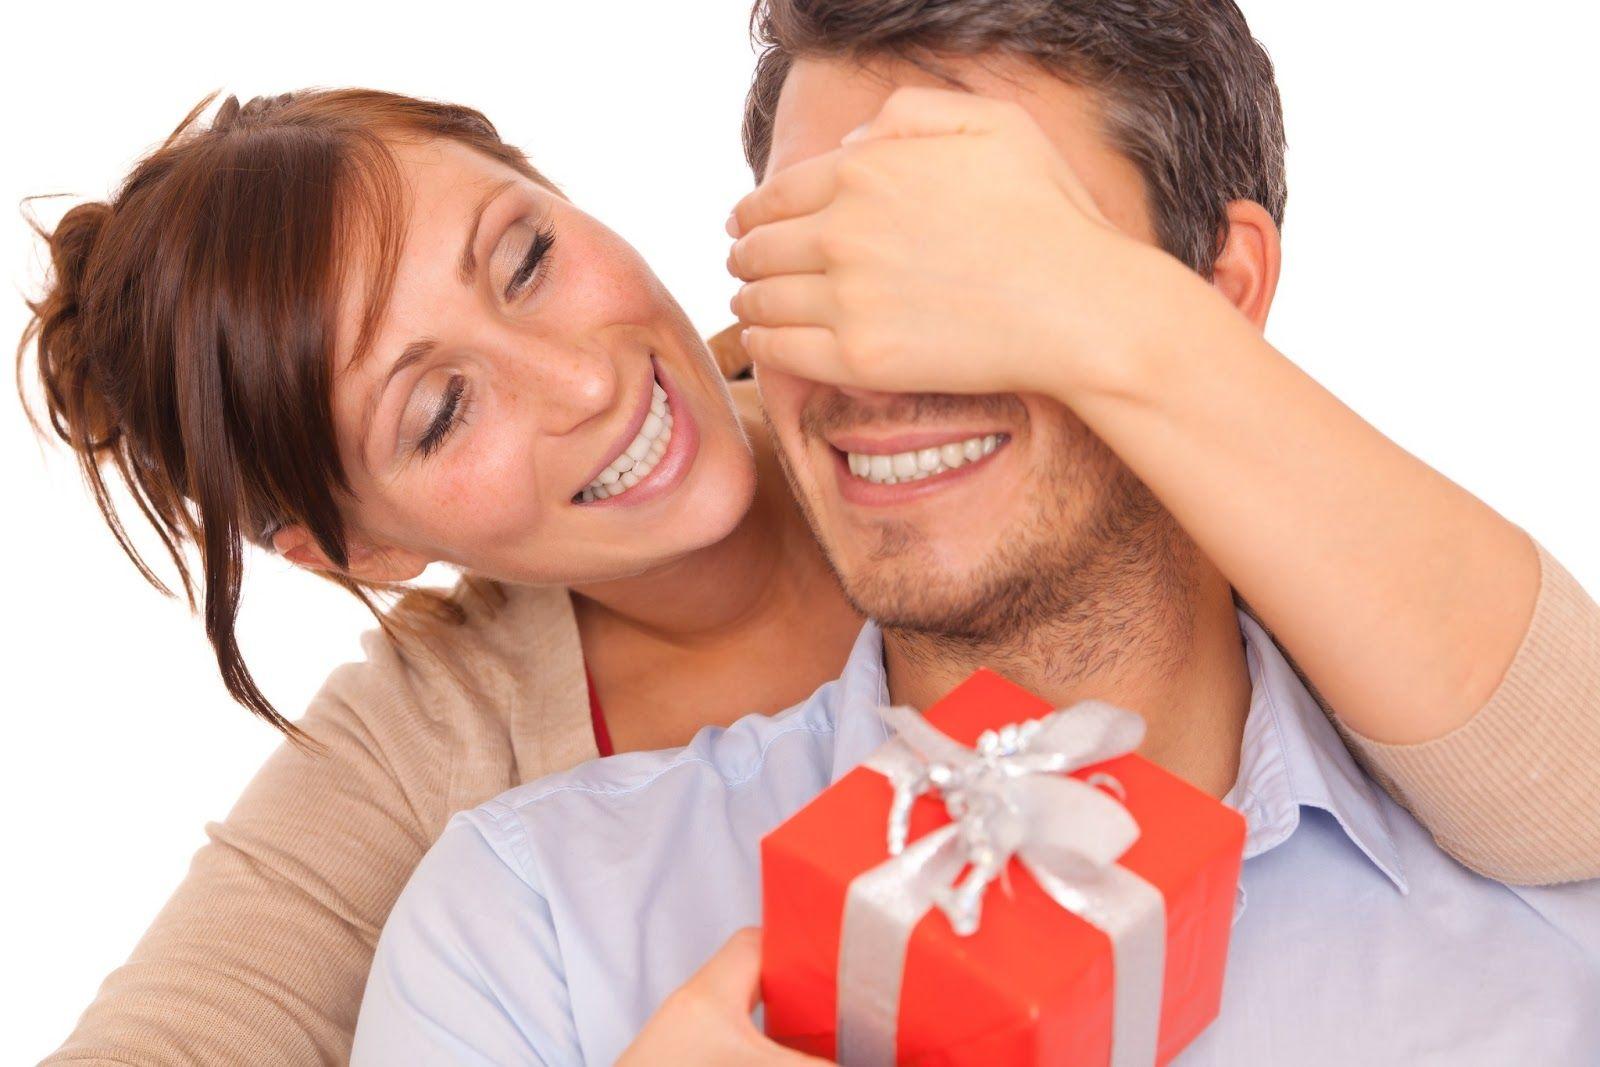 Как сделать так, чтобы мужчина захотел дарить подарки? - Elle 26